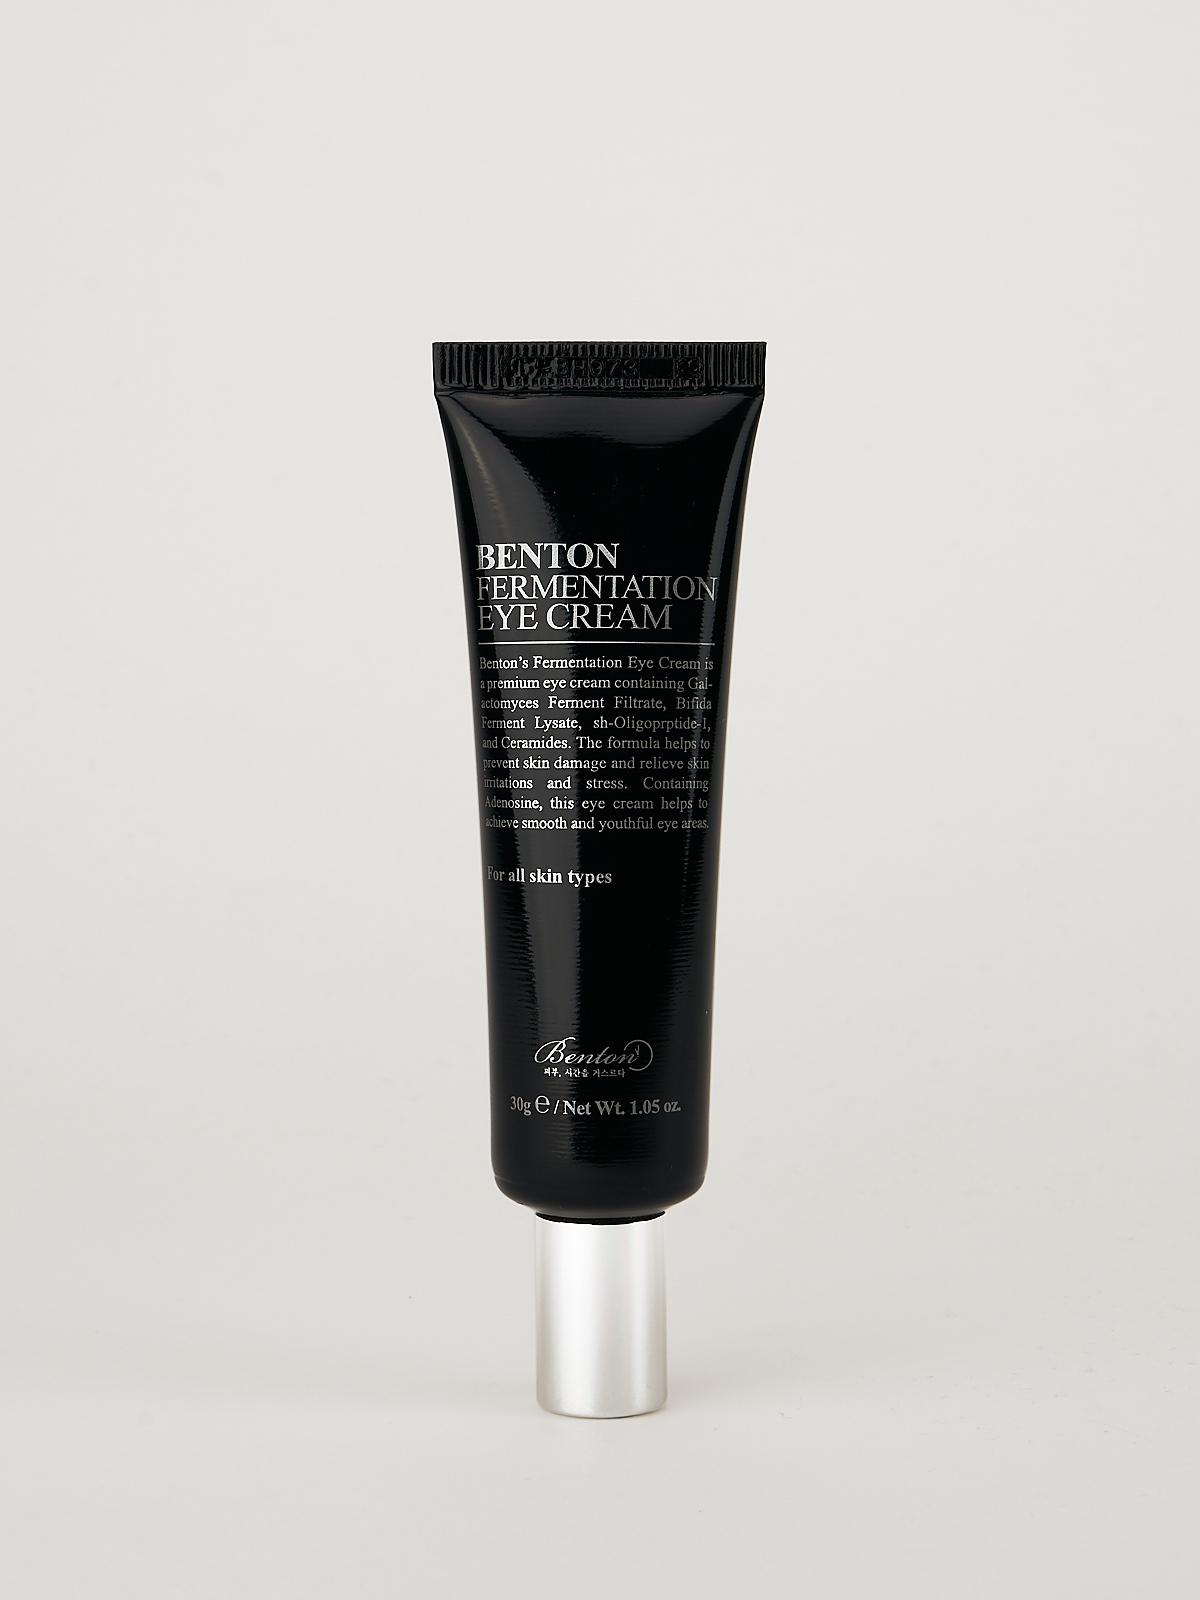 Benton Fermentation Eye Cream. Die koreanische Augencreme ist in eine schwarz glänzende Tube mit silbernem Deckel gefüllt.